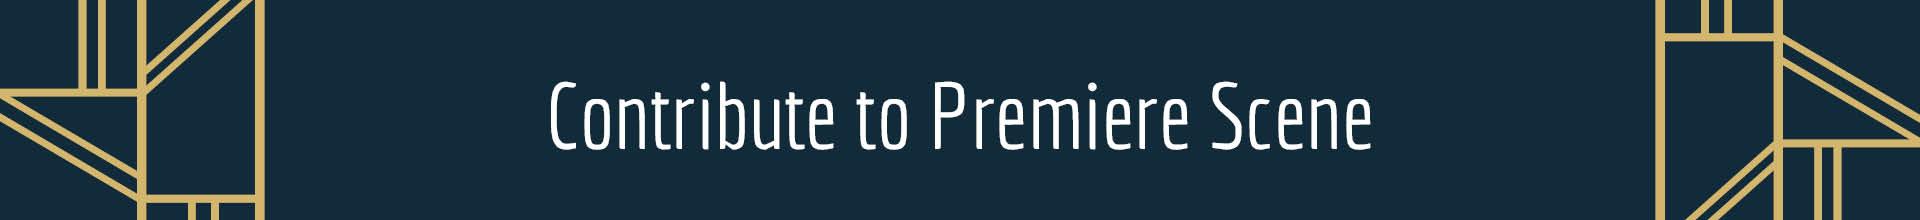 Contribute to Premiere Scene